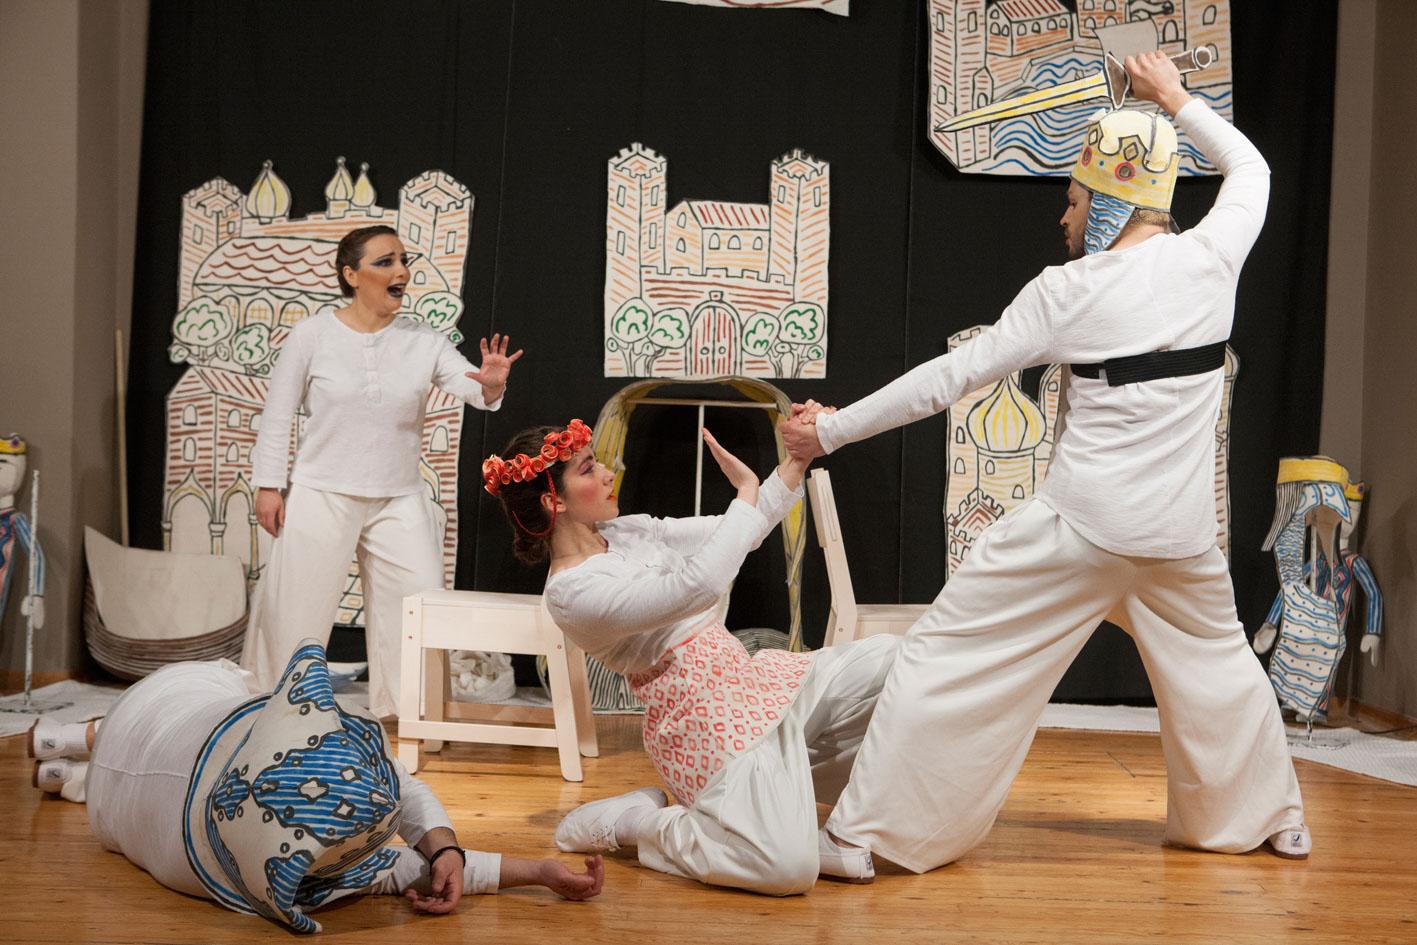 Το παραμύθι «Ο Χρουσαϊτός Άτυς και η βασιλιοπούλα Ροδογάλη» στο Θέατρο Τ